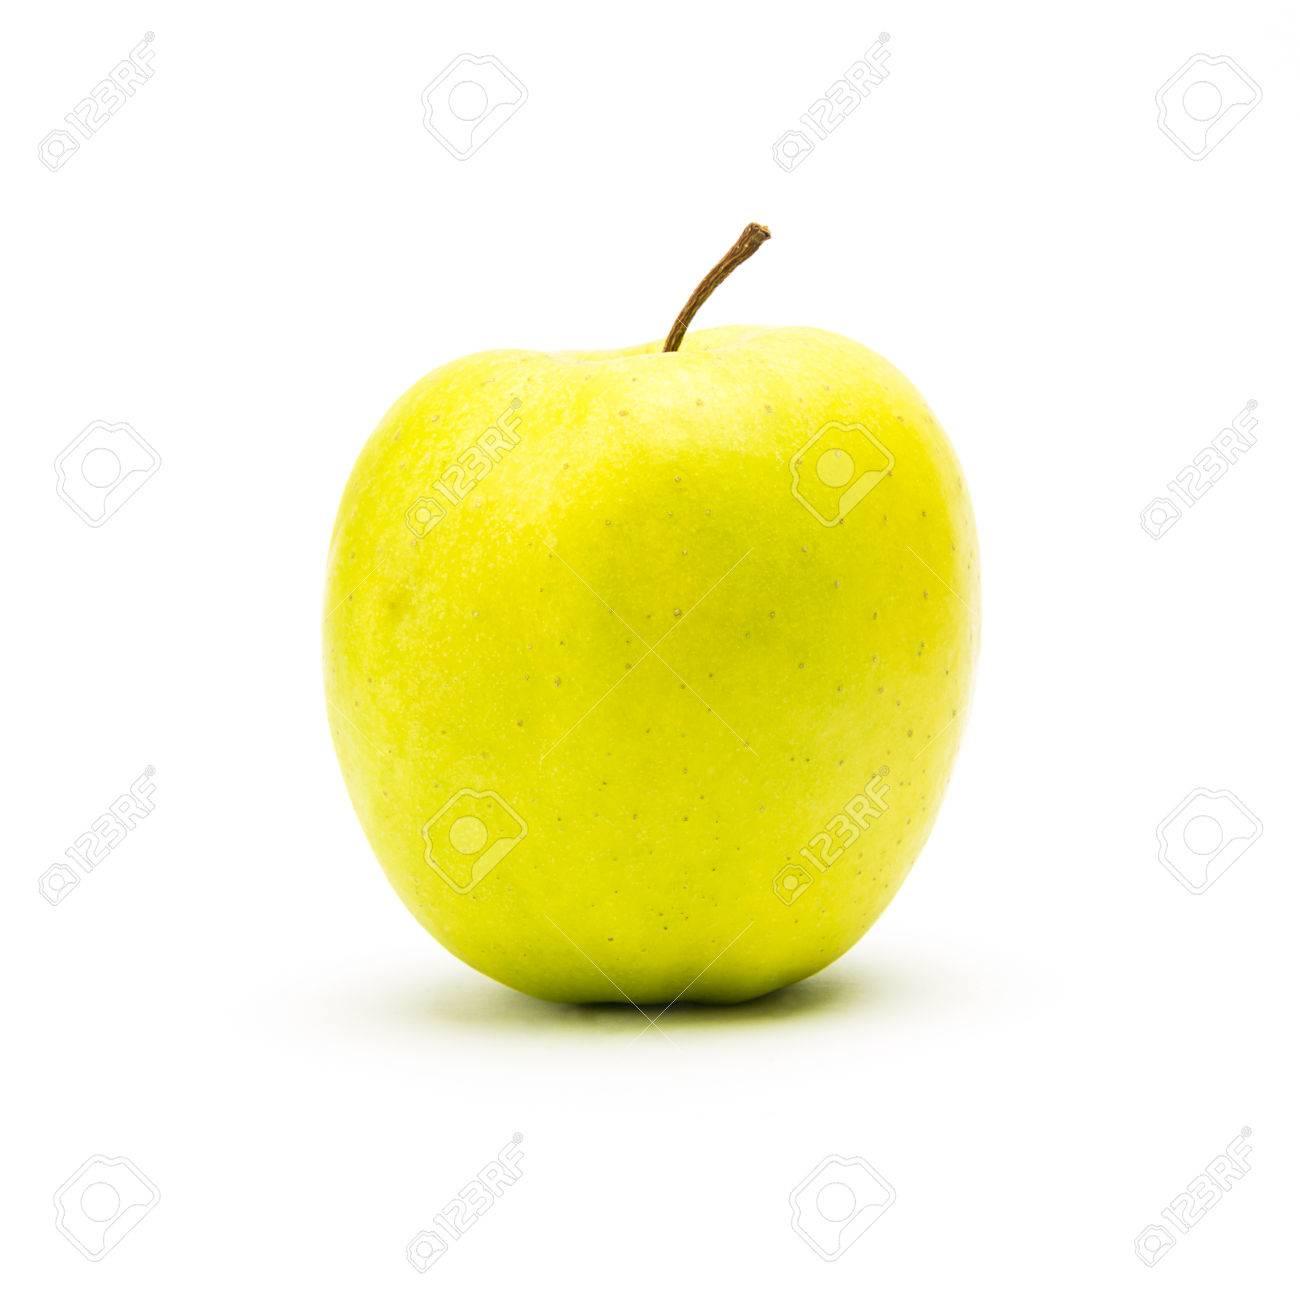 картинки яблоко желтое